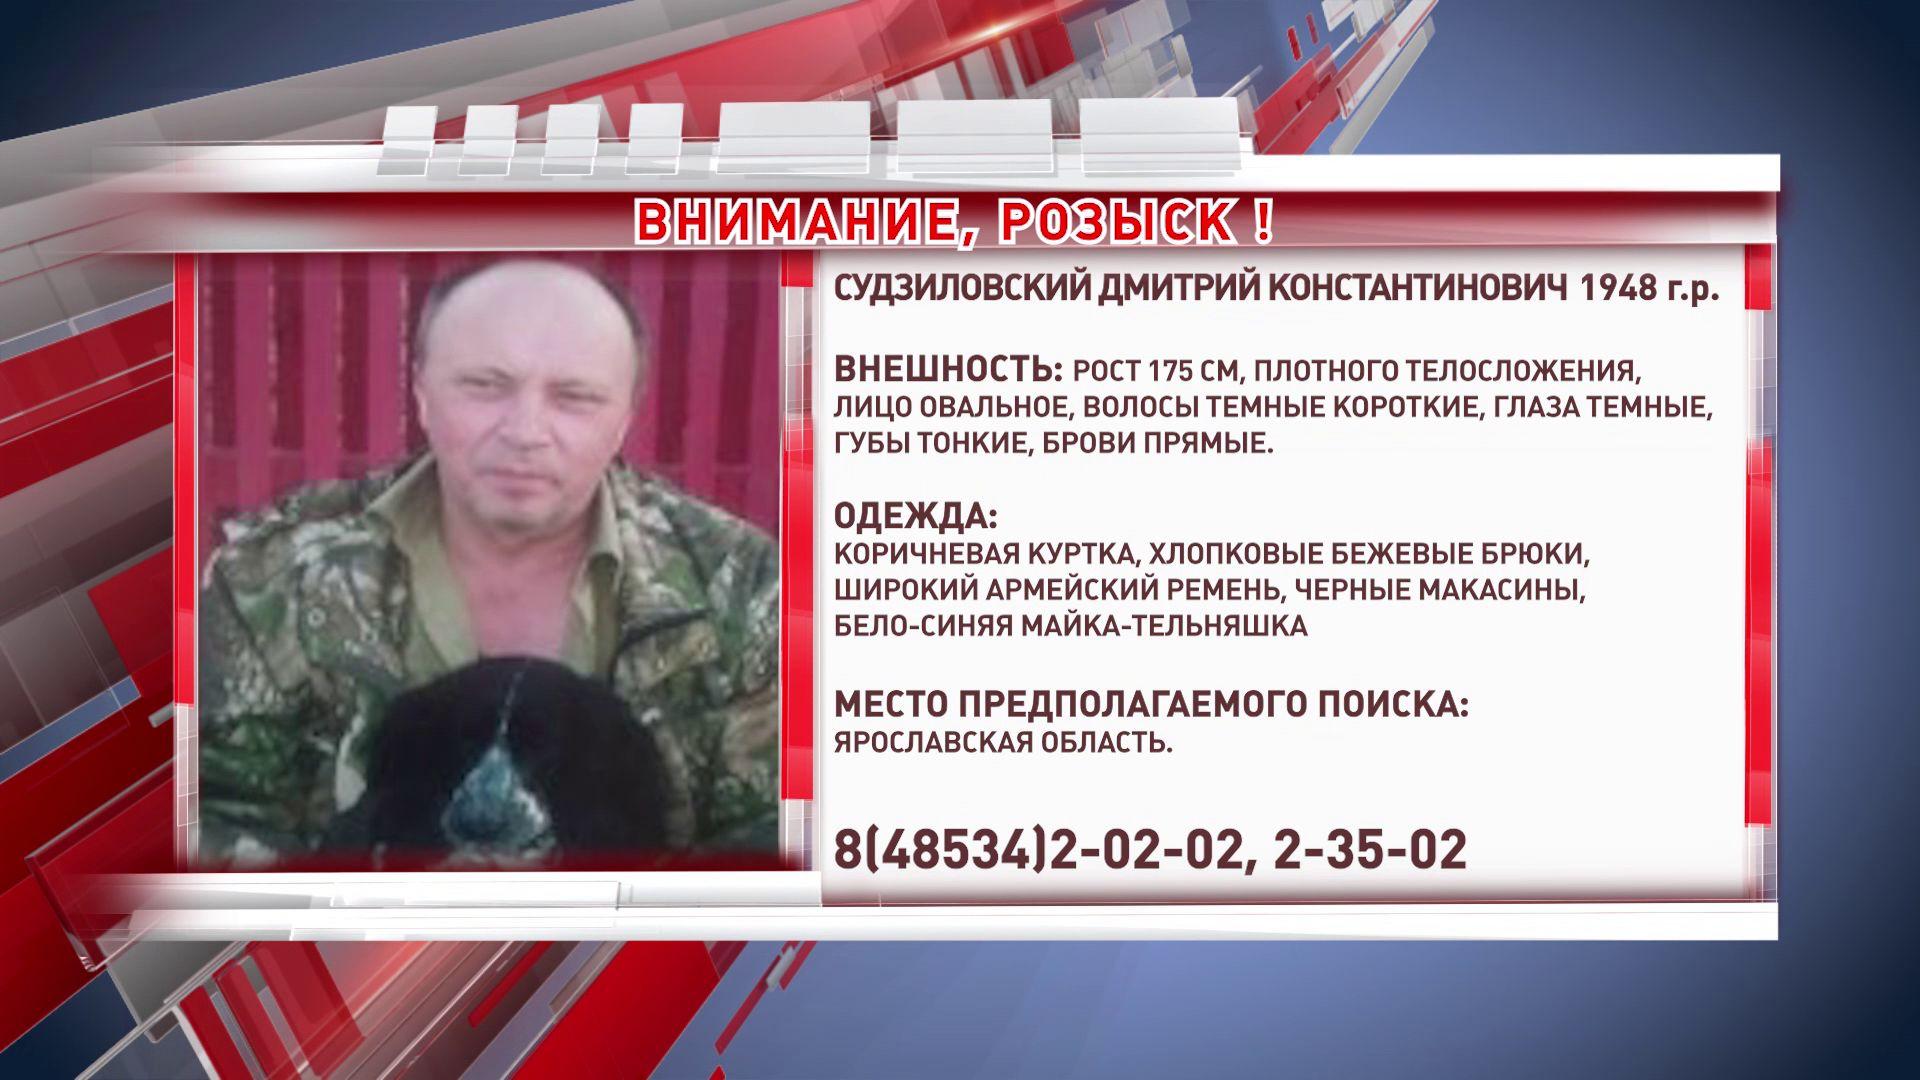 В Ярославской области ищут 72-летнего мужчину